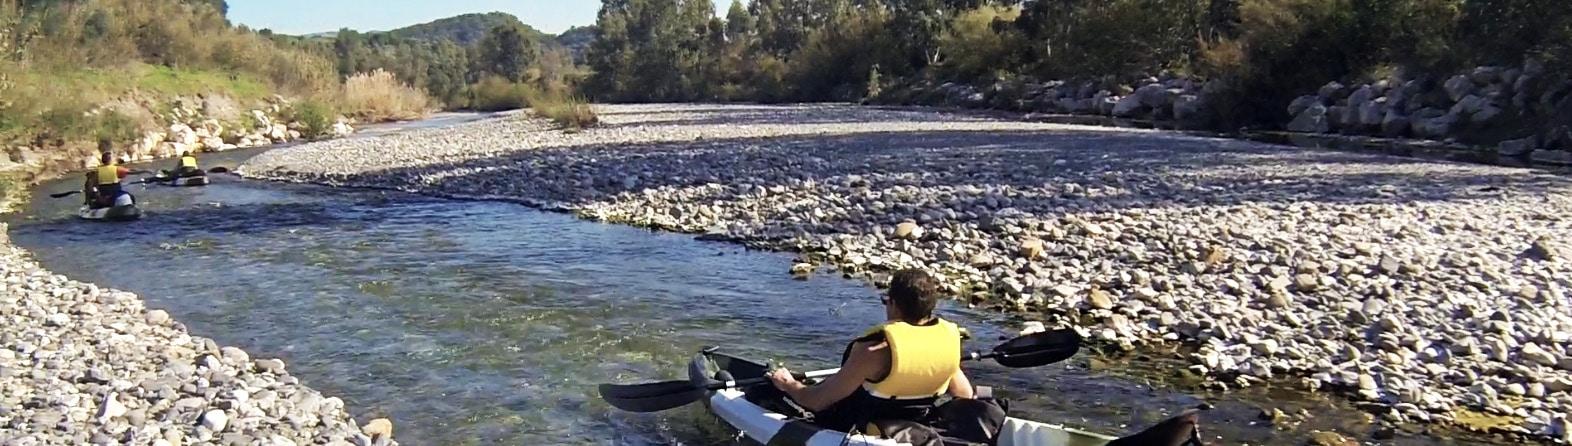 descenso en rios_alquiler de kayak_rutas kayak_velair_tarifa_algeciras_sotogrande